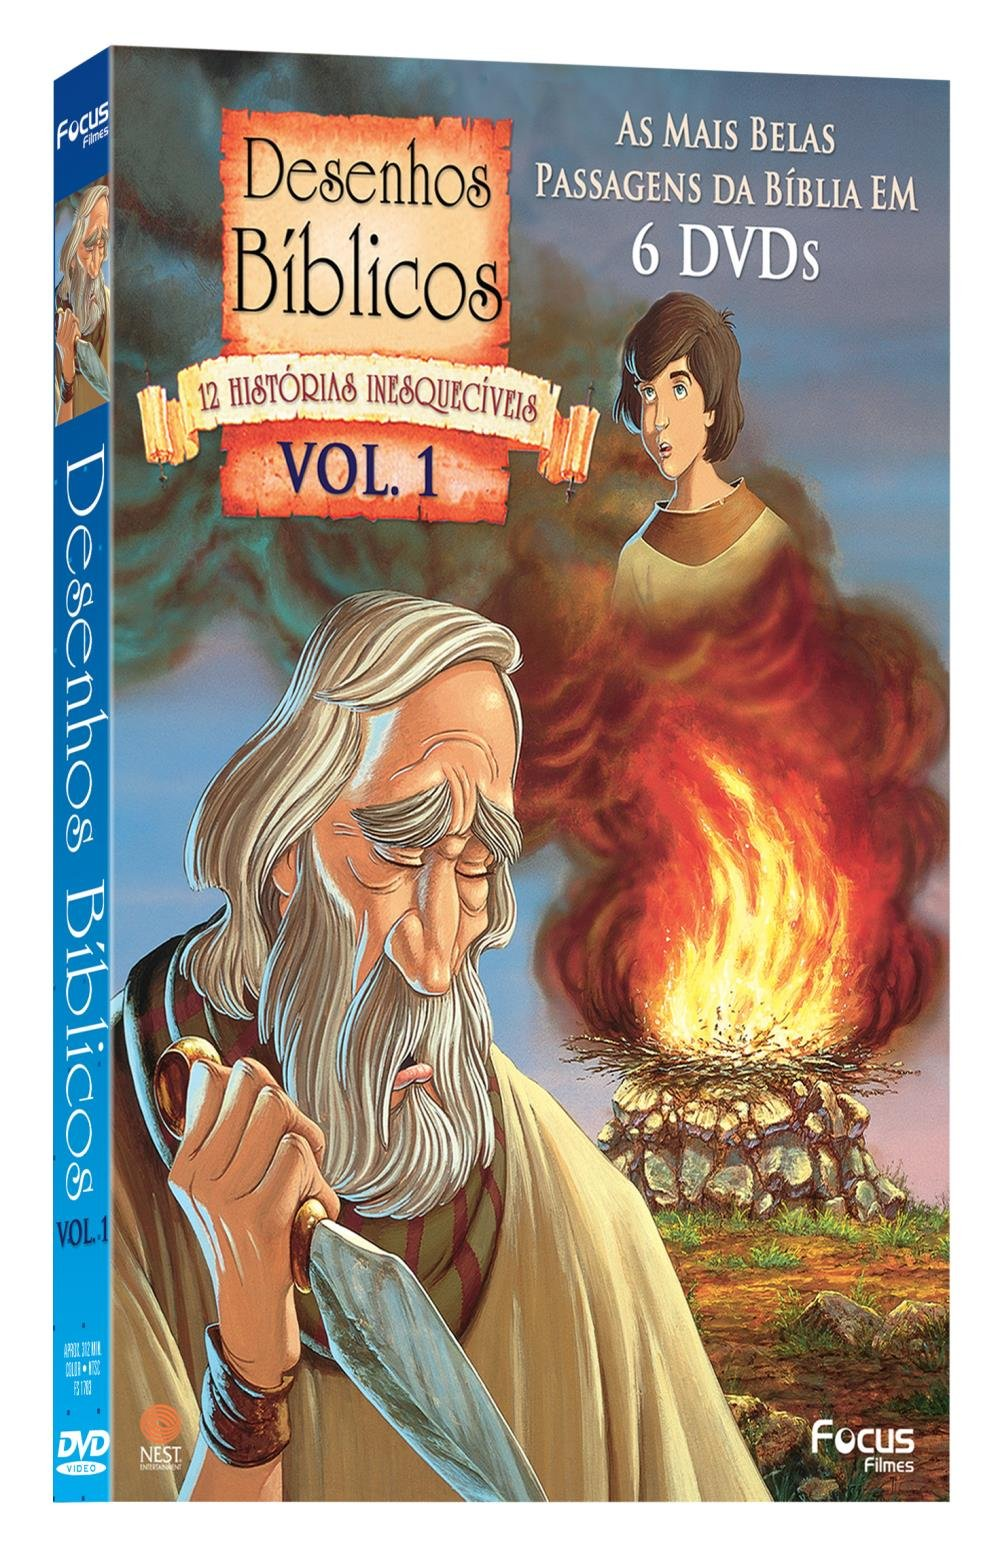 Dvd Colecao Desenhos Biblicos 12 Historias Inesqueciveis Vol 1